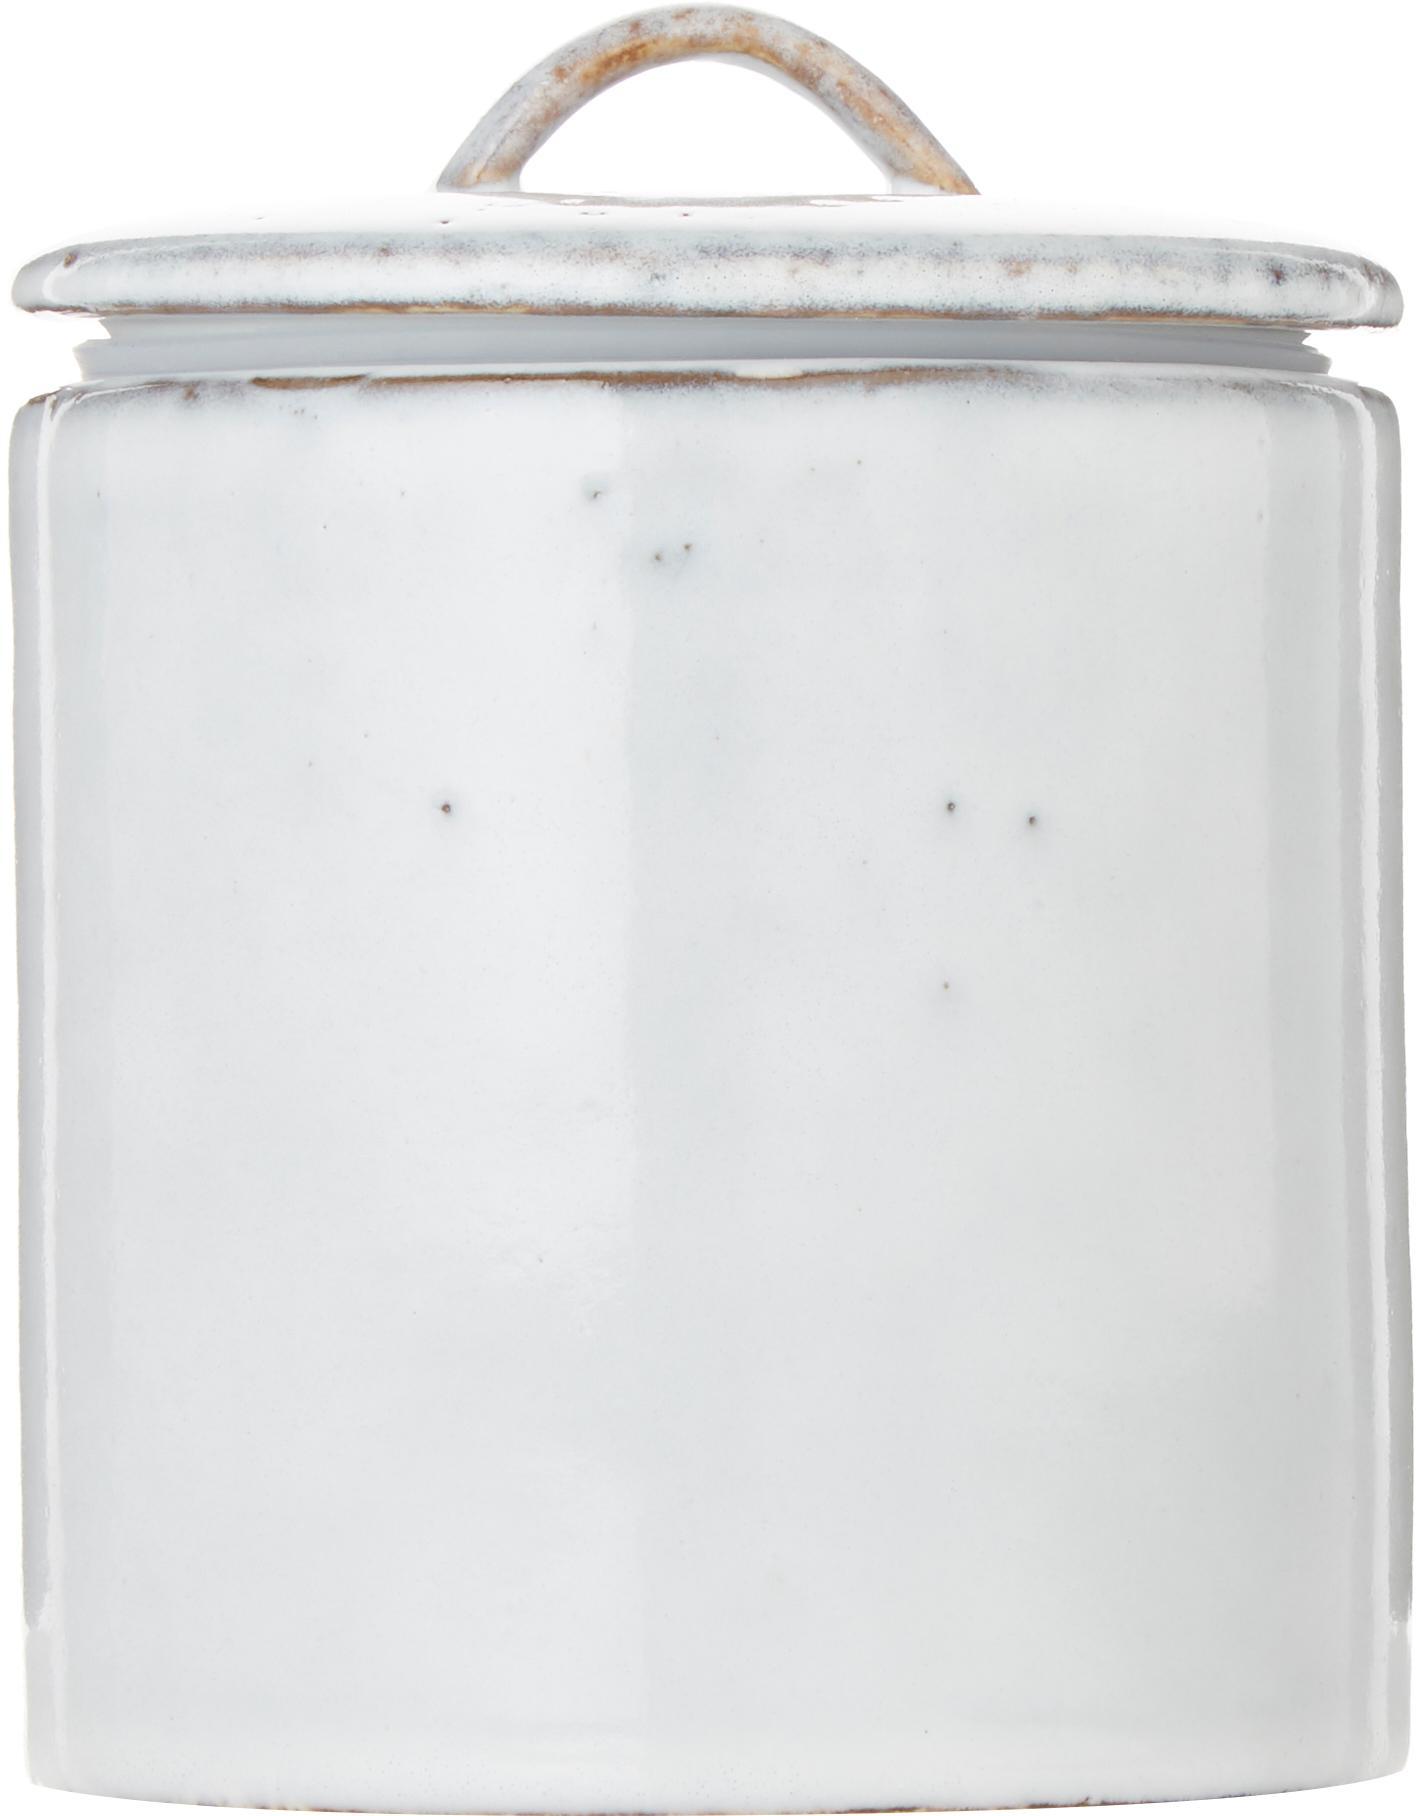 Handgemaakte opbergpot Nordic Sand, Keramiek, Zandkleurig, Ø 12 x H 12 cm